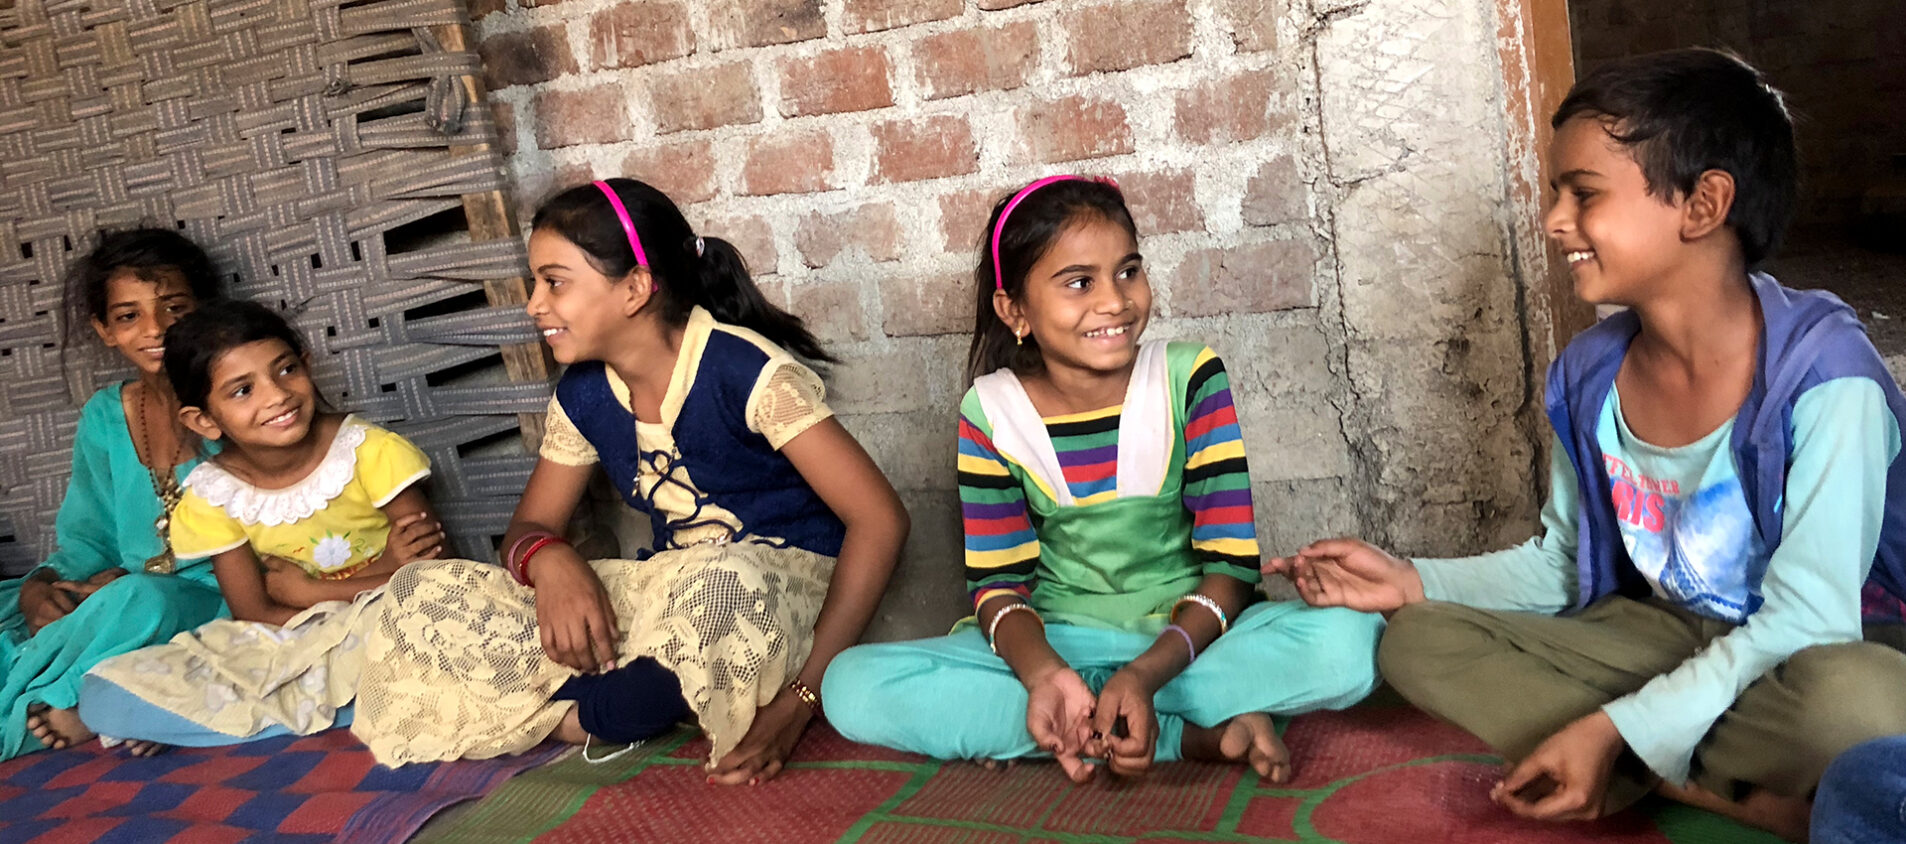 Neelan, Sanan, Jamra, Asish, Vandana är med i ett barnparlament